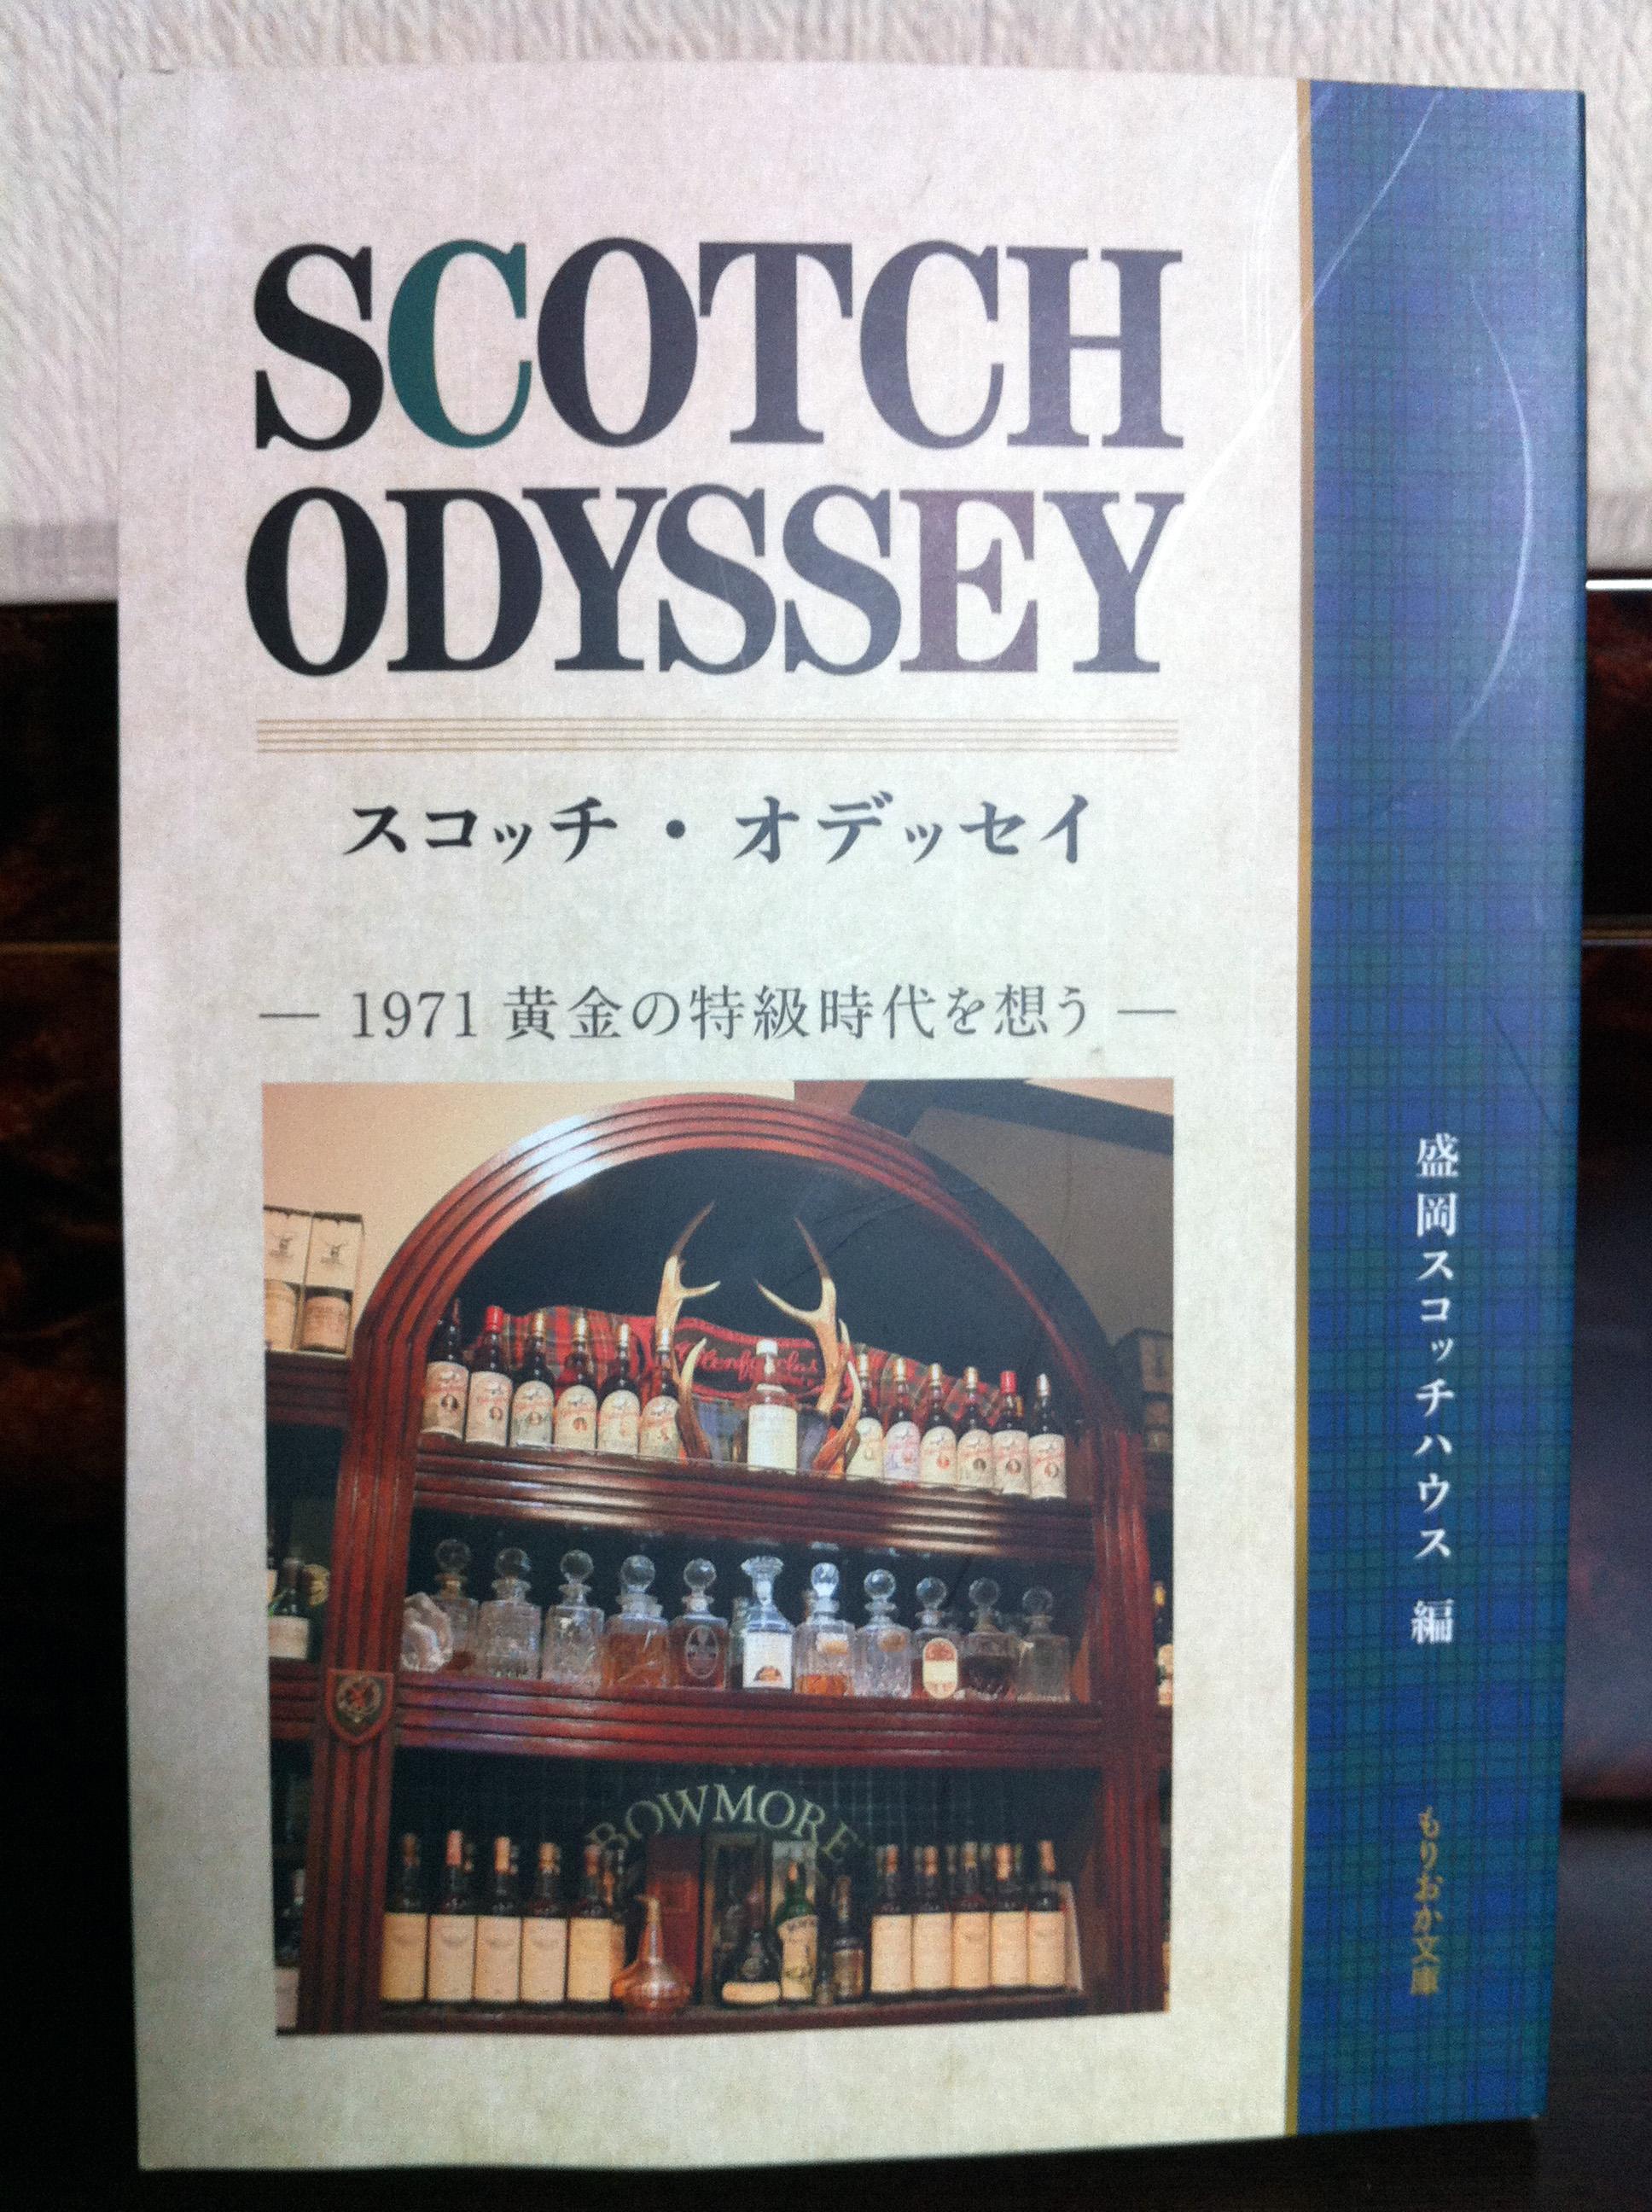 SCOTCH ODYSSEY スコッチ・オデッセイ : 盛岡スコッチハウス編